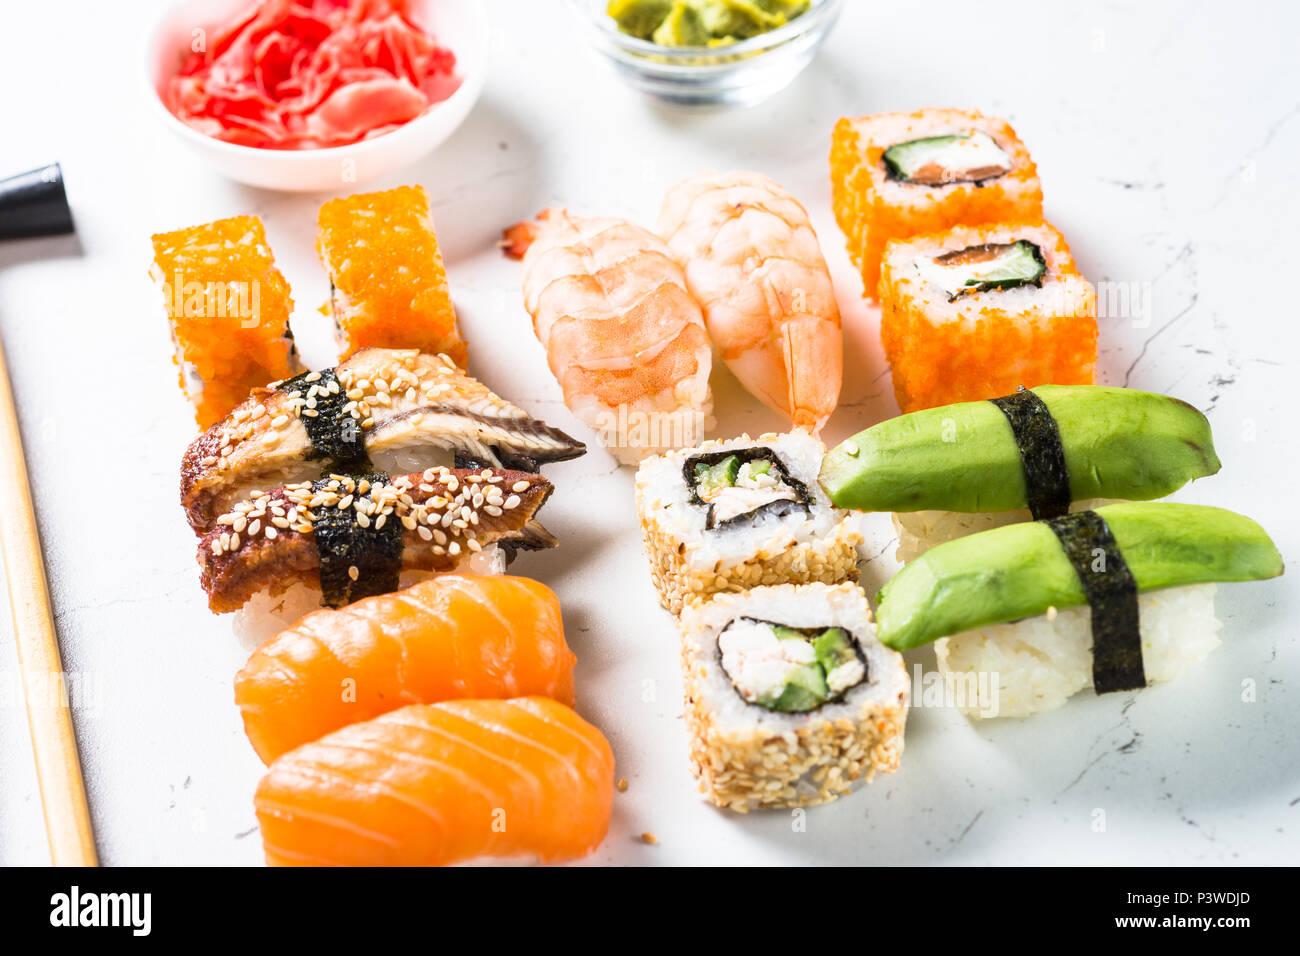 Il Sushi e sushi rullo impostato su sfondo bianco. Tradizionale cibo asiatico. Immagini Stock